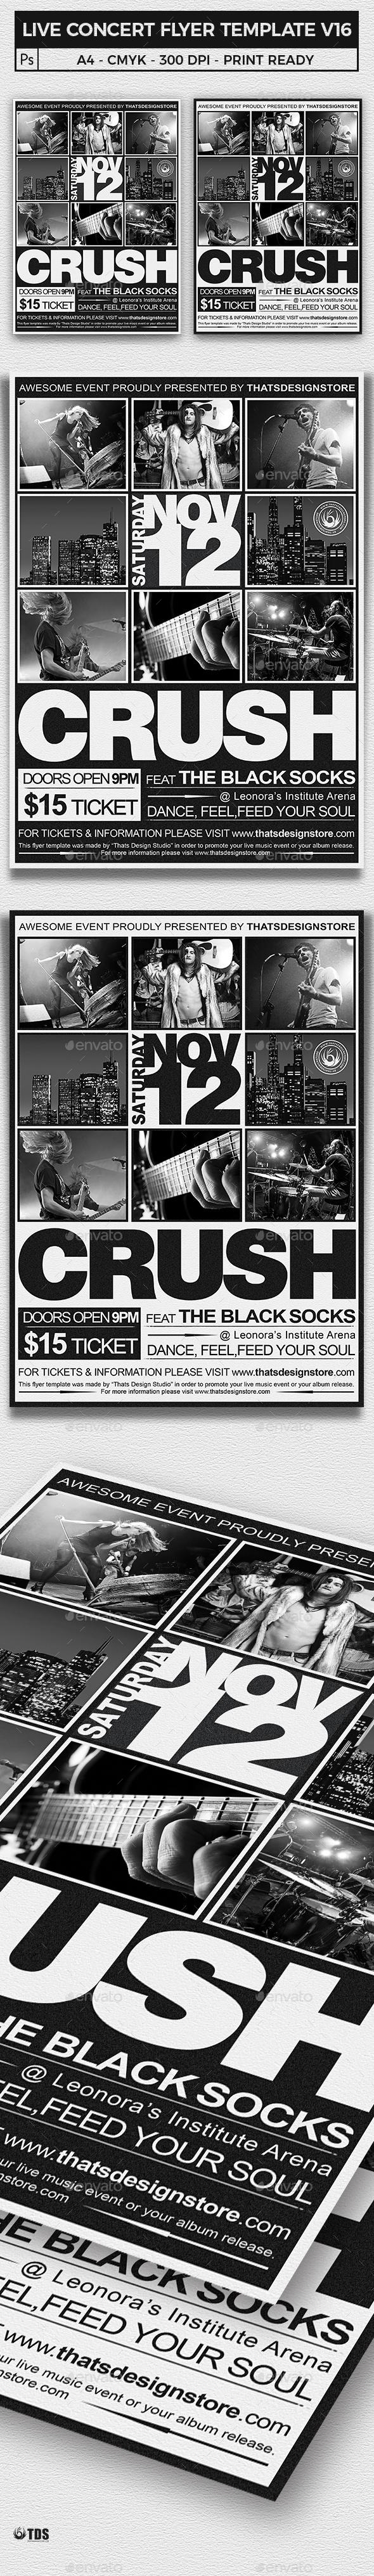 Live Concert Flyer Template V16 - Concerts Events